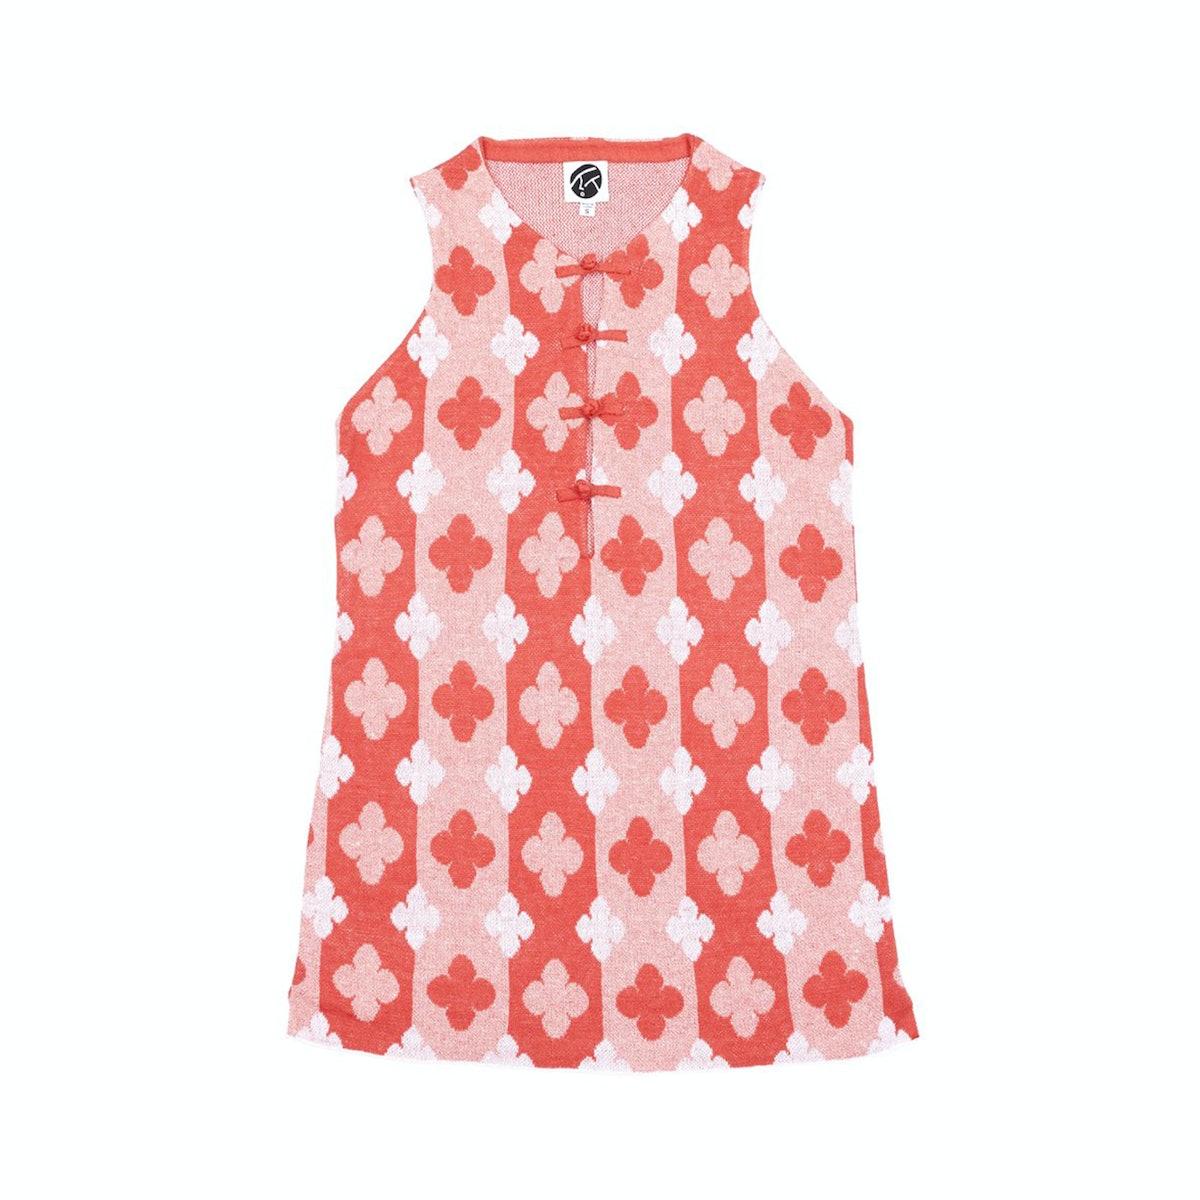 YanYan Knits May Mini Dress